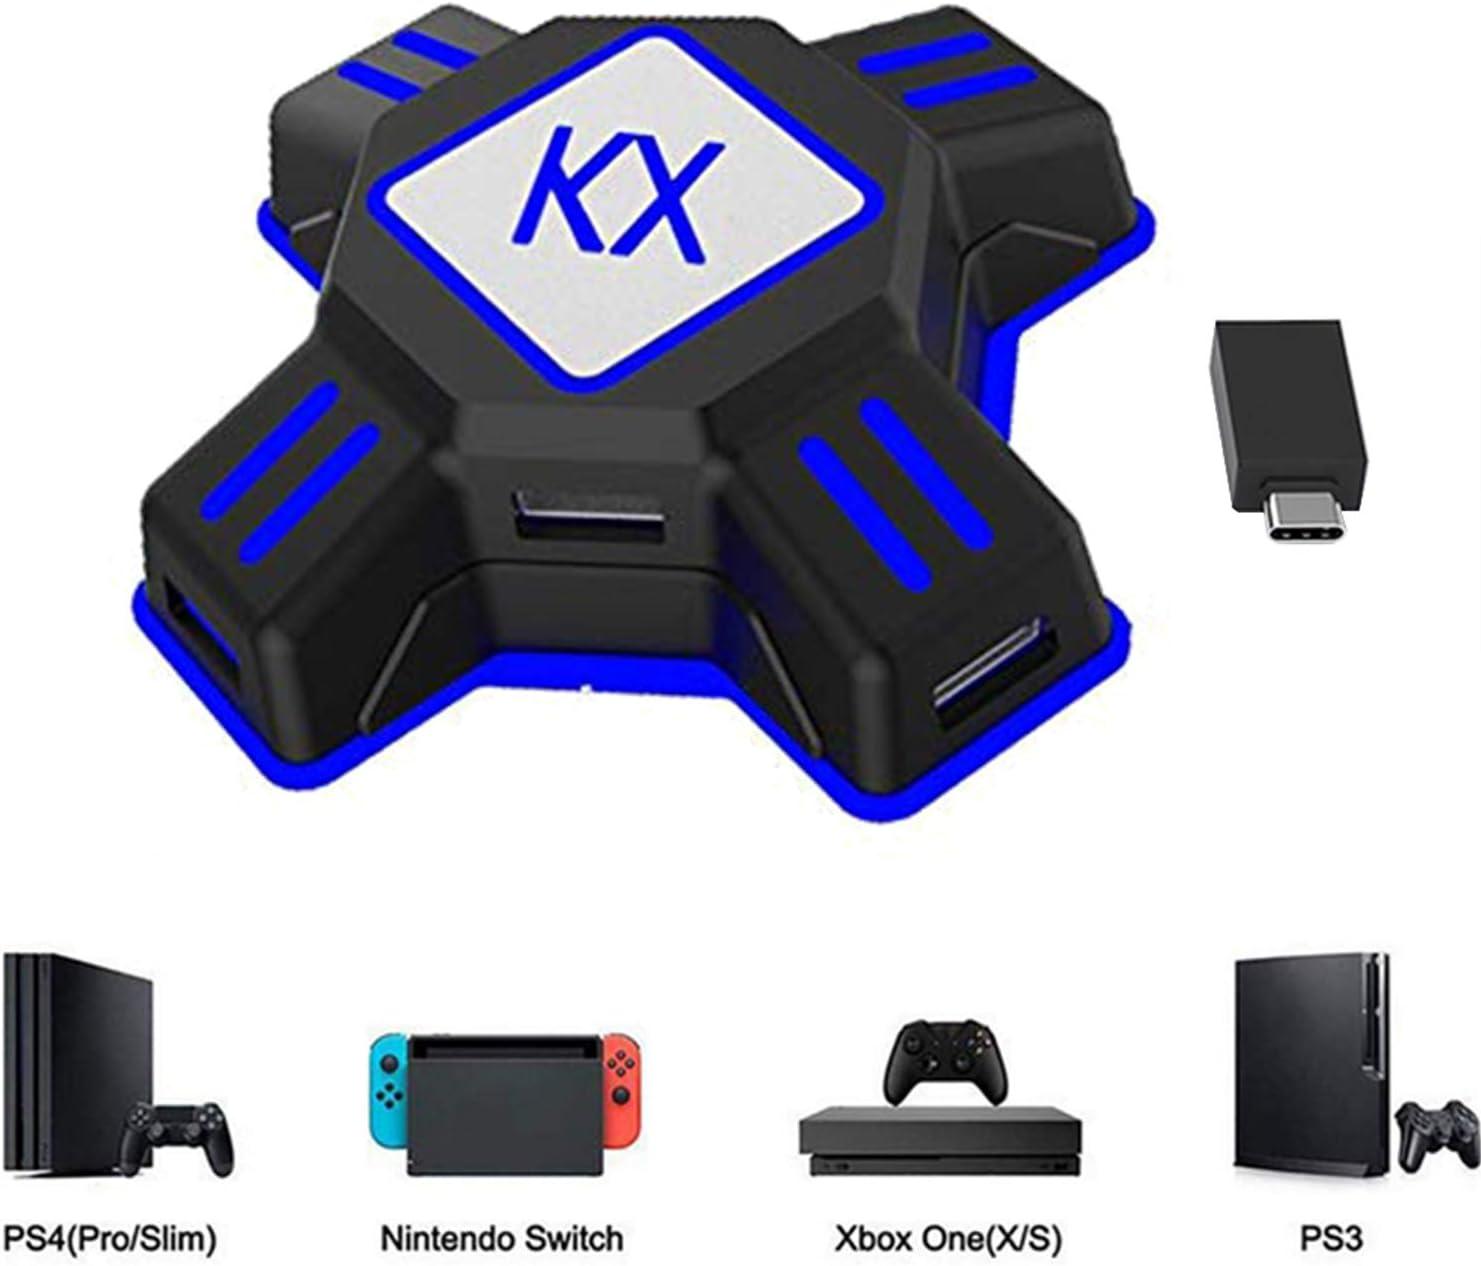 KX Mouse Keyboard Converter, Game Controller Adapter para USB 2.0 Mouse Adaptador de teclado ratón Compatible con PS4 / Xbox One / Nintendo Switch / PS3 / Xbox360 / Xbox360 Slim: Amazon.es: Videojuegos